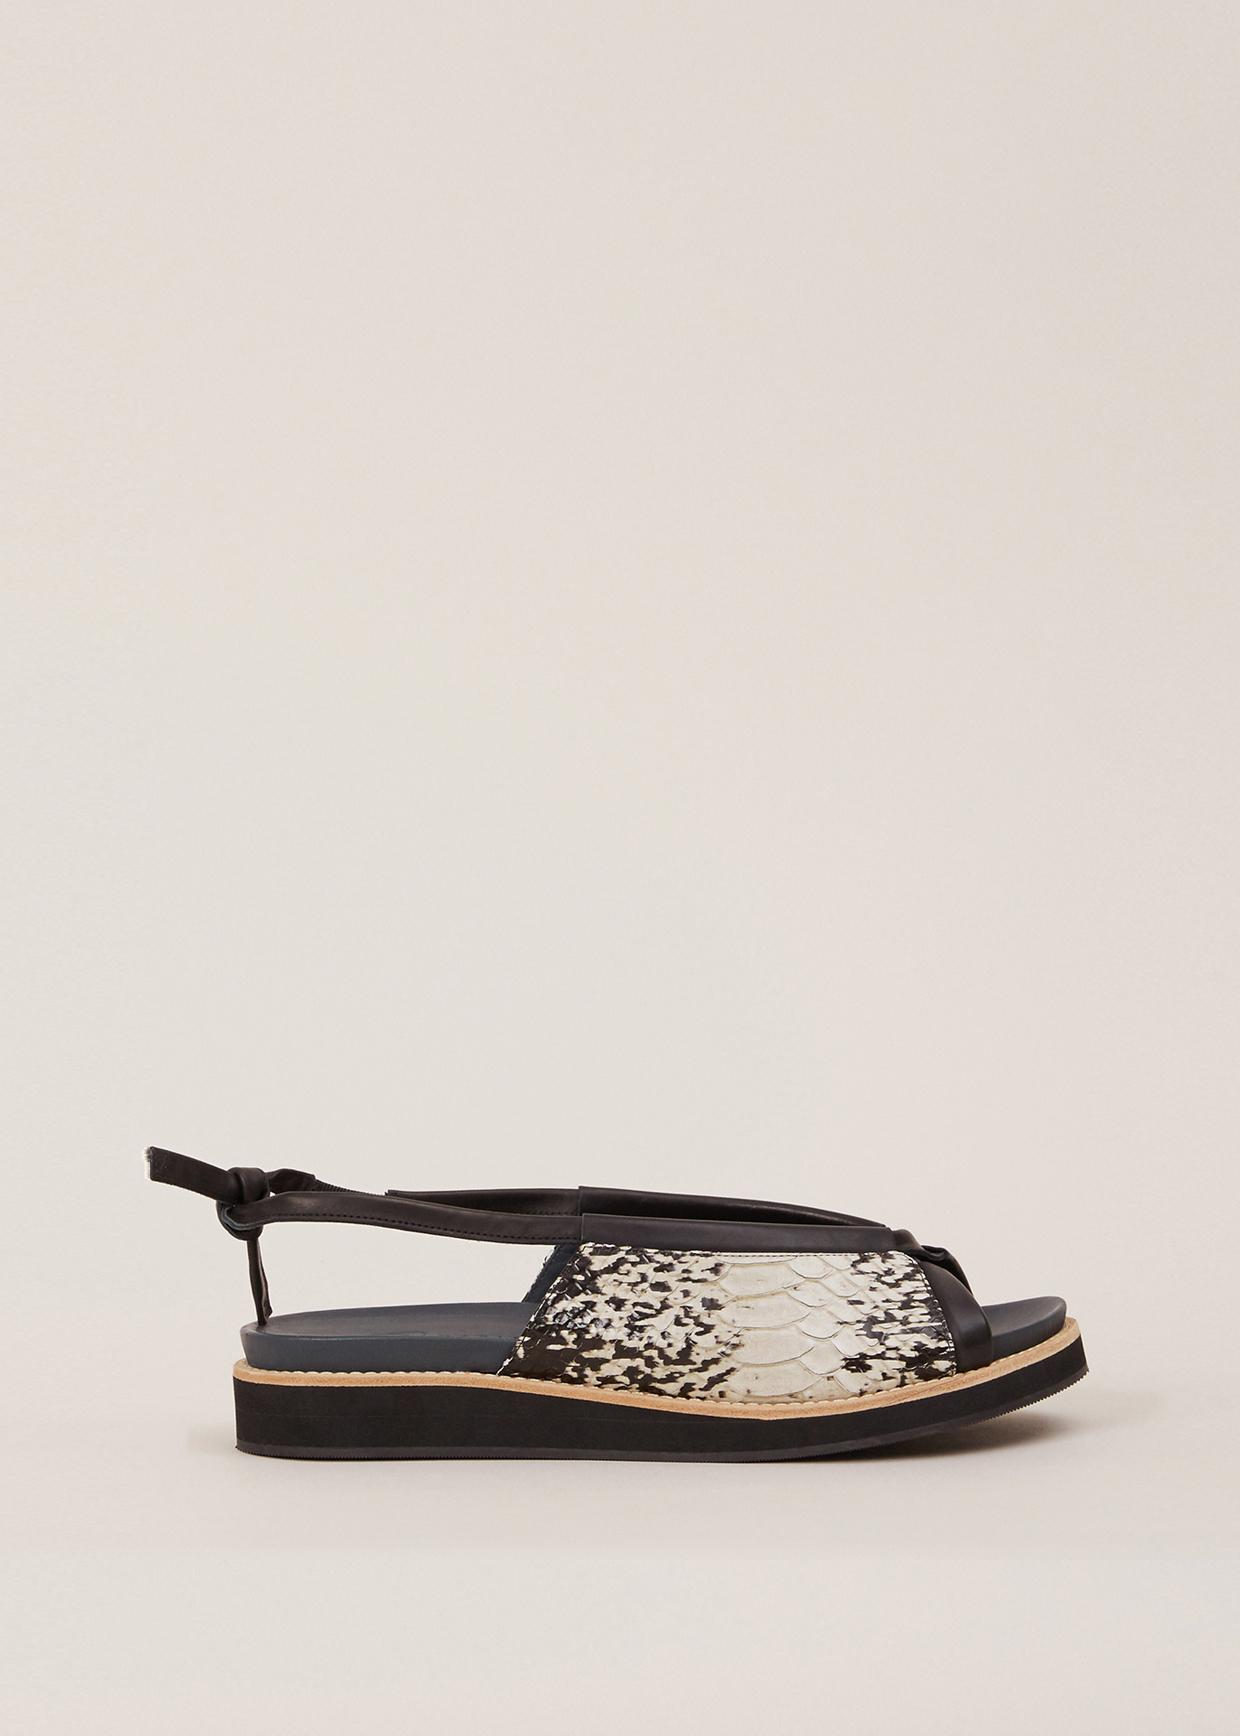 Zero Maria Cornejo Aged Canvas Black Laeti Sandal In